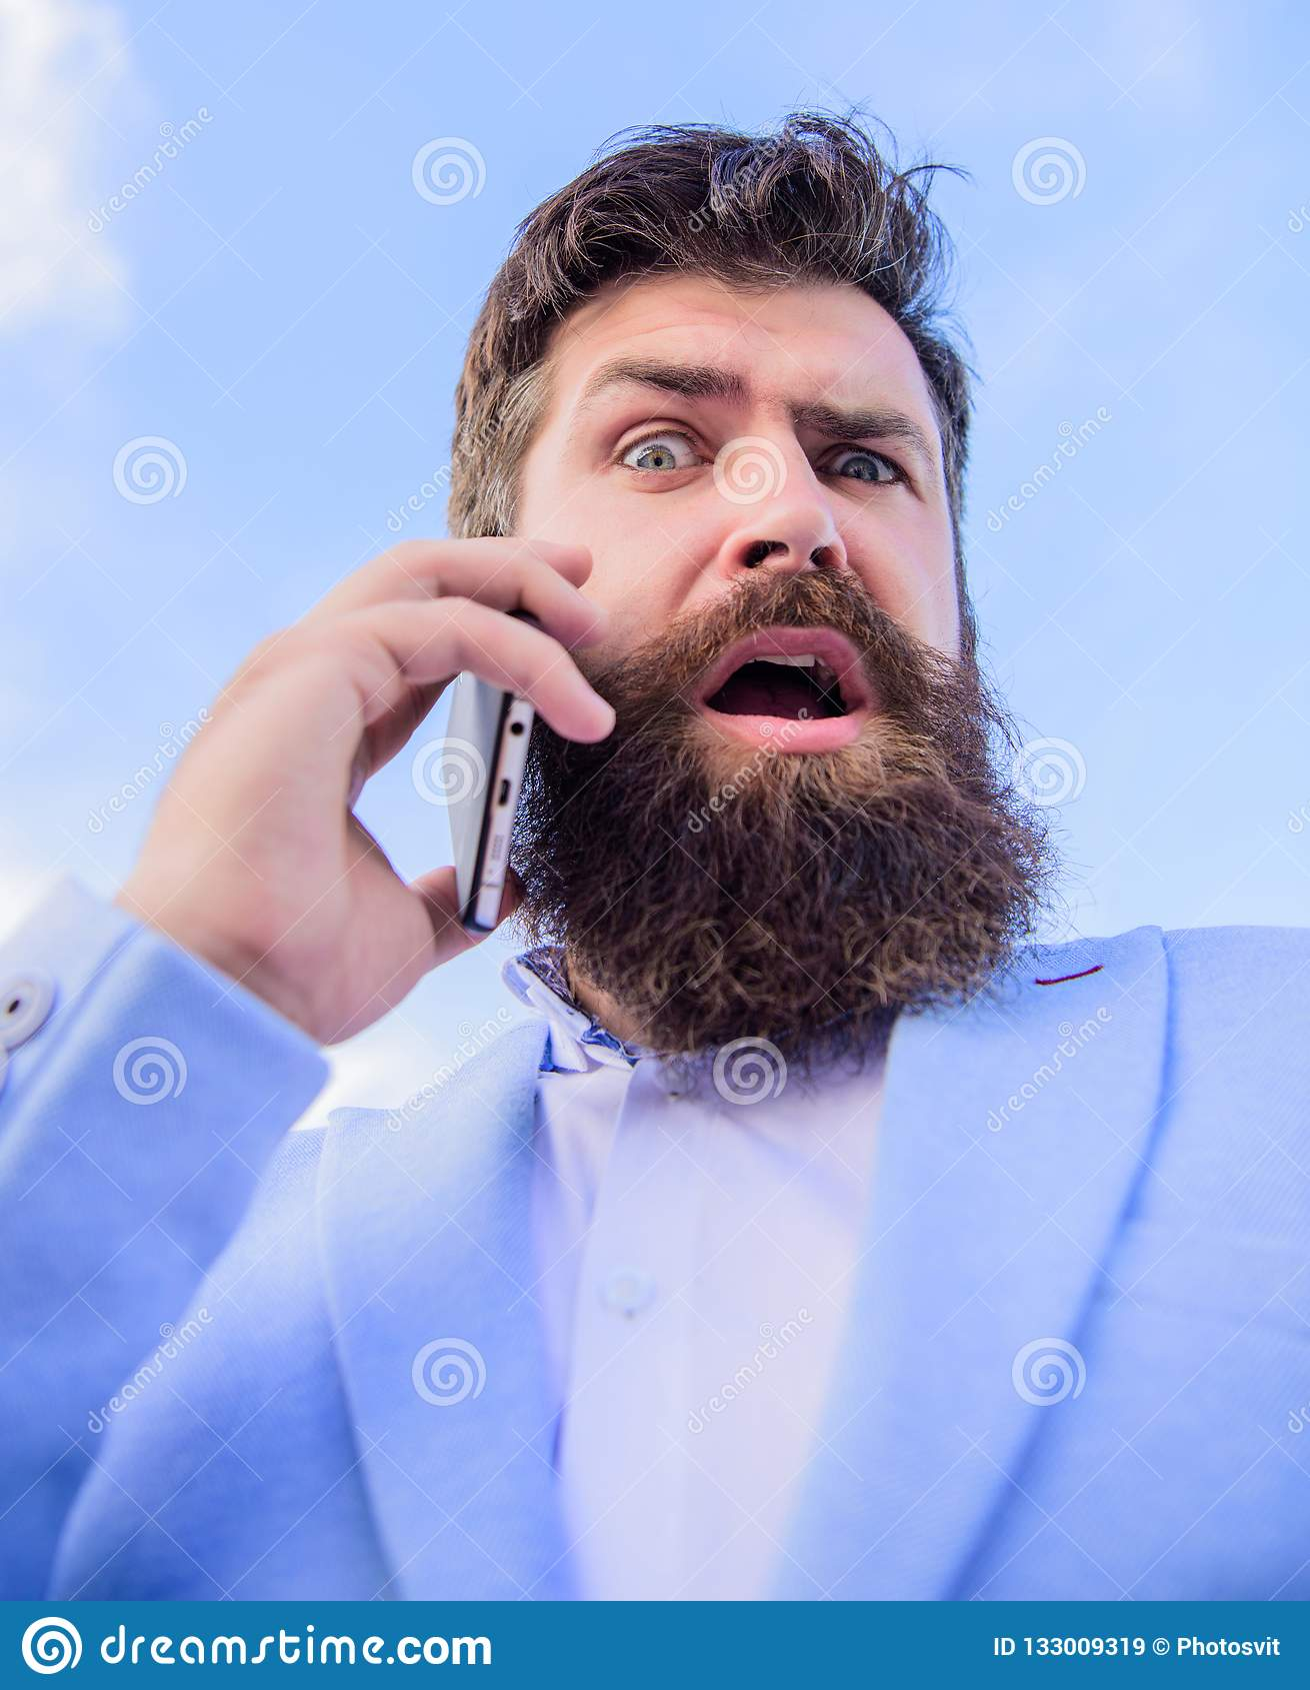 För affärsmanhåll för man skäggig förvånad bakgrund för himmel för mobiltelefon Partner för Hipstersmartphoneappell Mobil appell